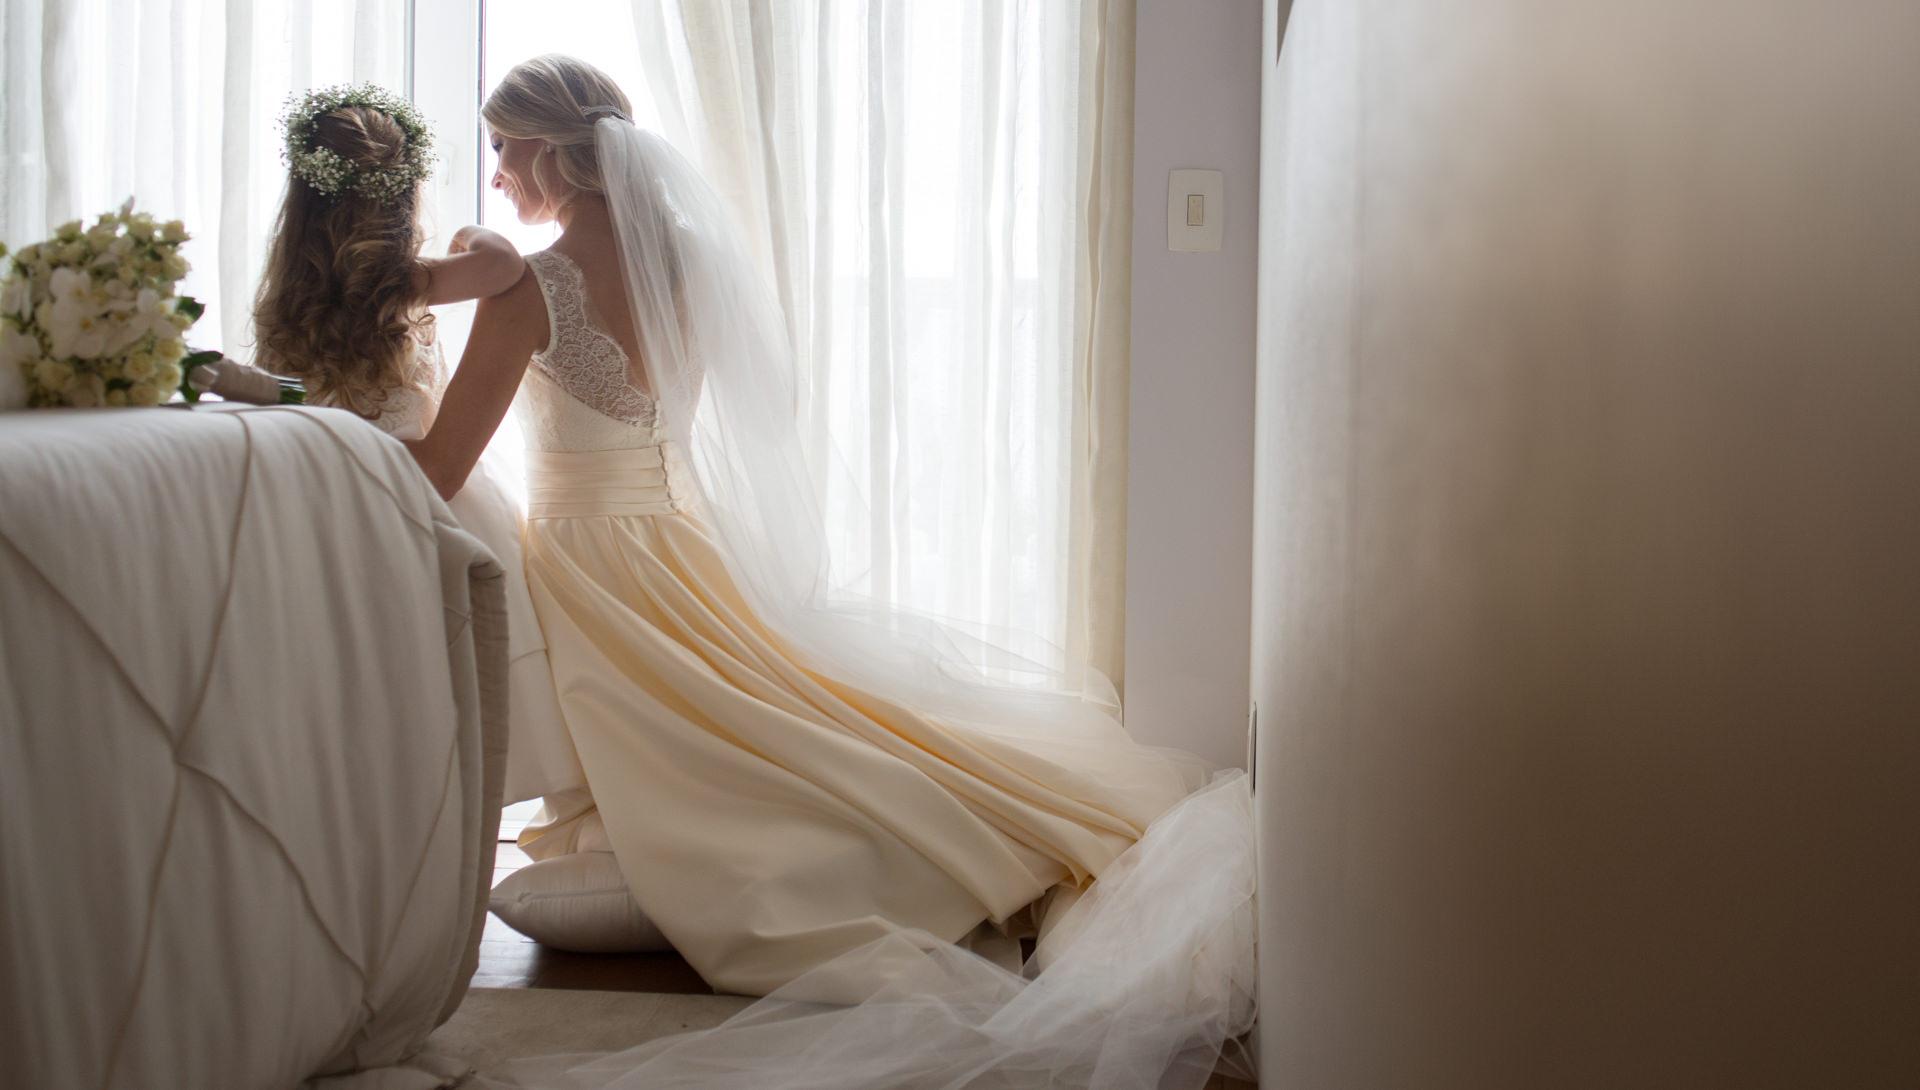 Contate Fotografo en Valencia. Fotografo de bodas, estudio fotográfico.